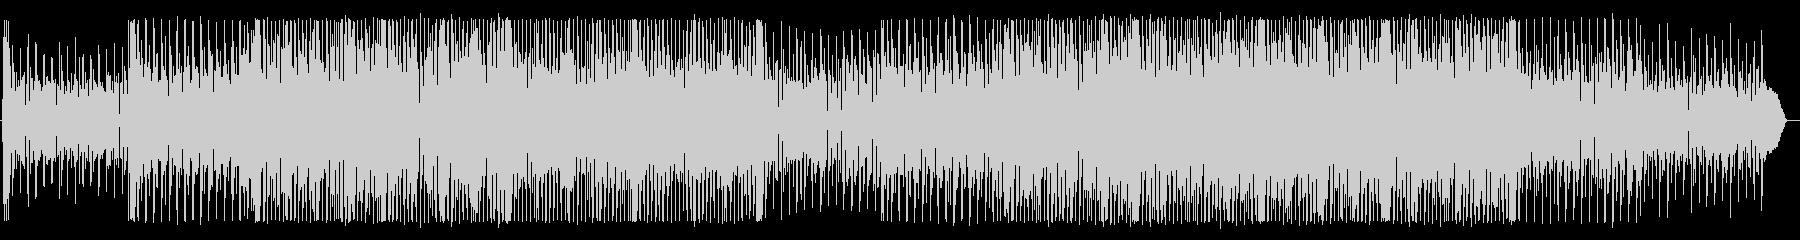 CMにぴったりの明るいロックBGMの未再生の波形